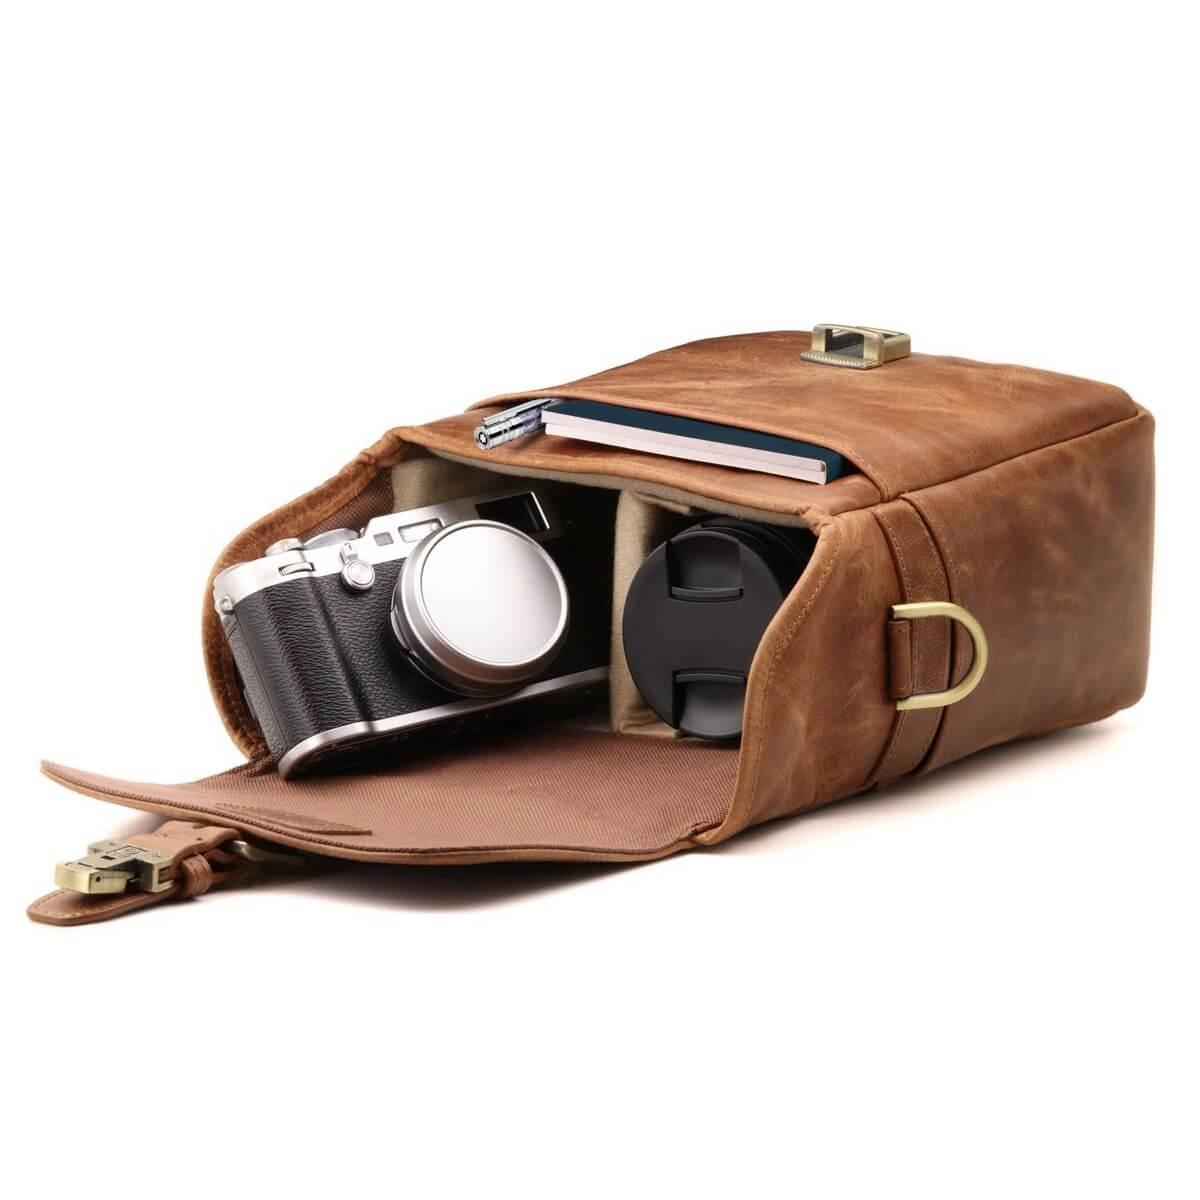 Megagear Genuine Leather Camera Messenger Bag